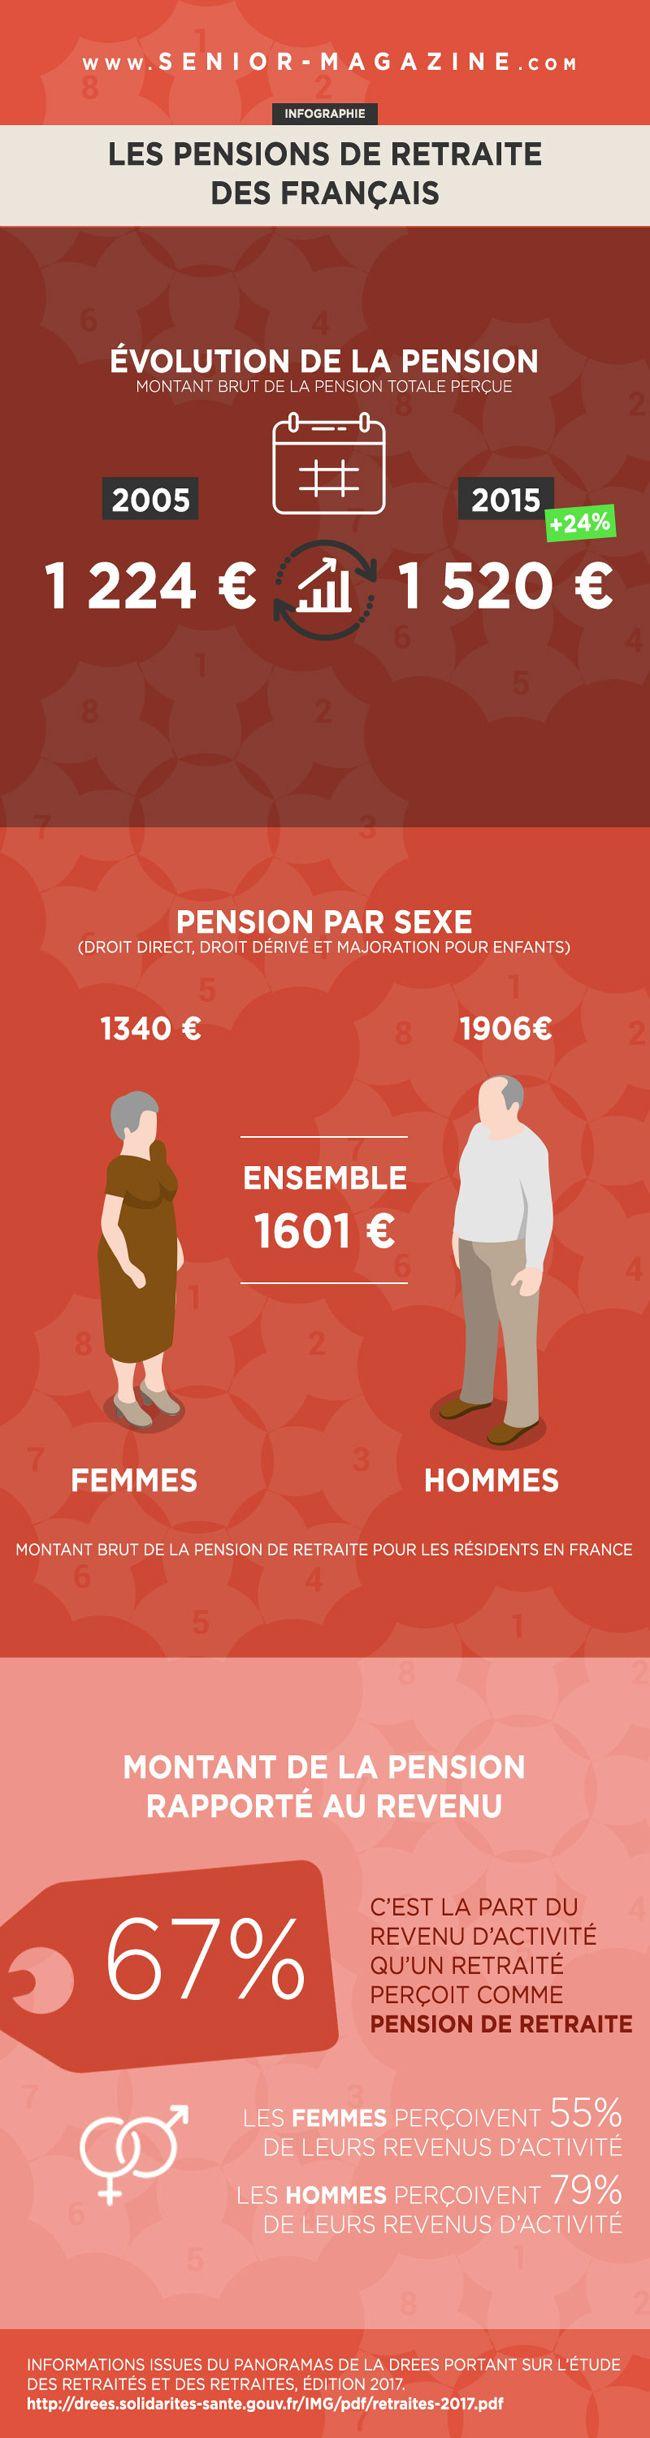 Infographie : les pensions de retraite des Français